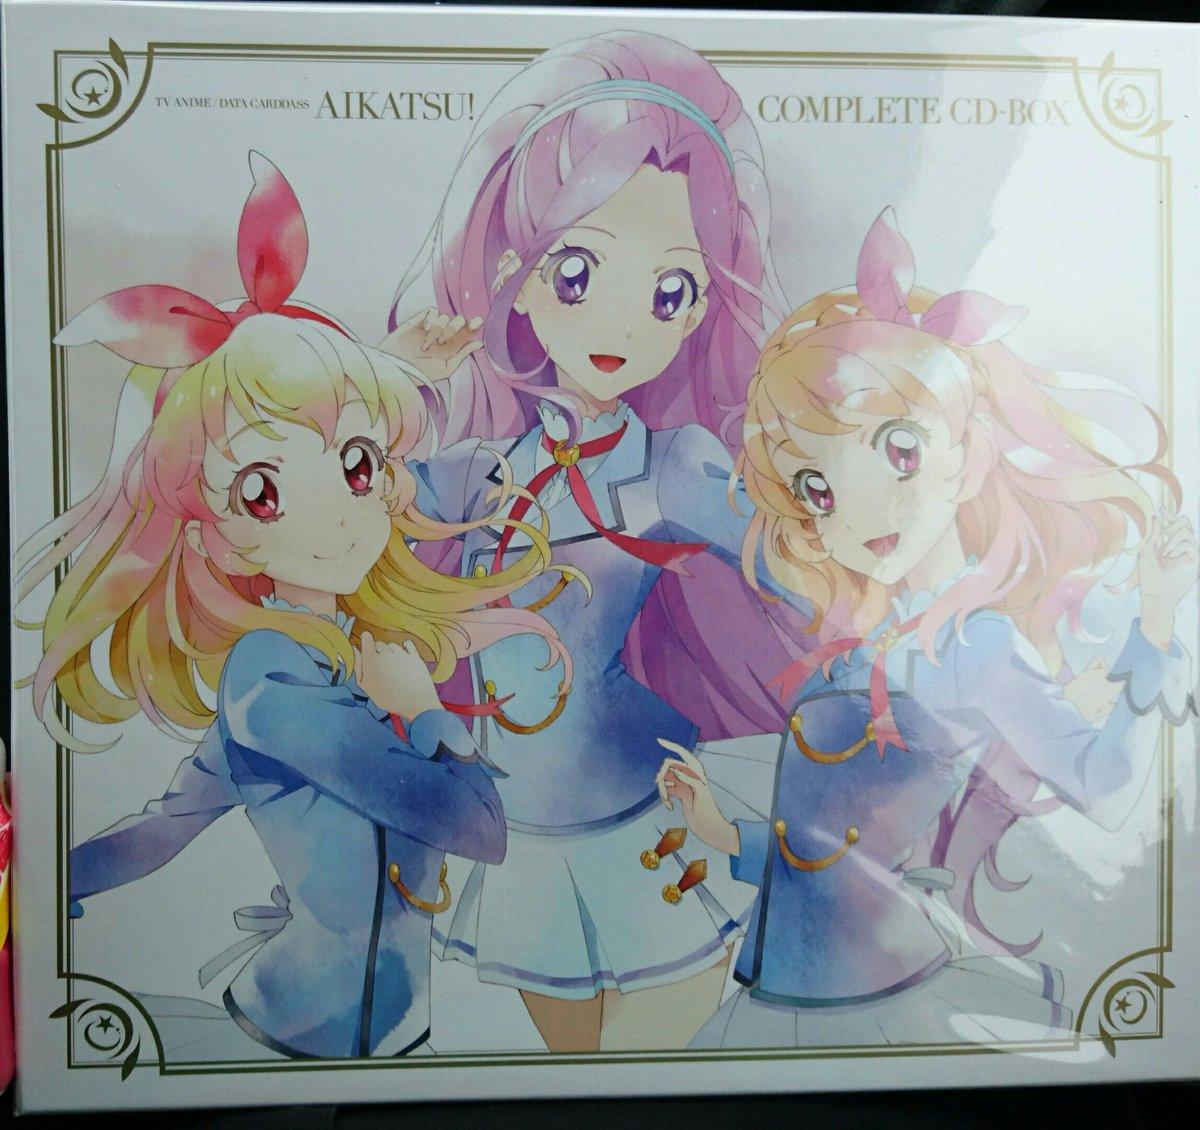 アイカツ コンプリートCD BOXが最高すぎる(*^^*)ボリュームはもちろんだけど、曲順がアニメで放送された順だったり